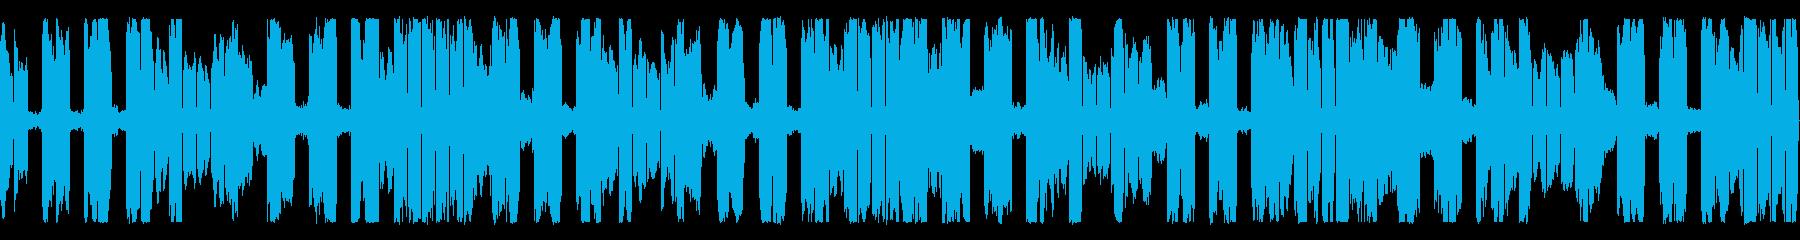 ピコピコサウンドのシンセループ素材の再生済みの波形